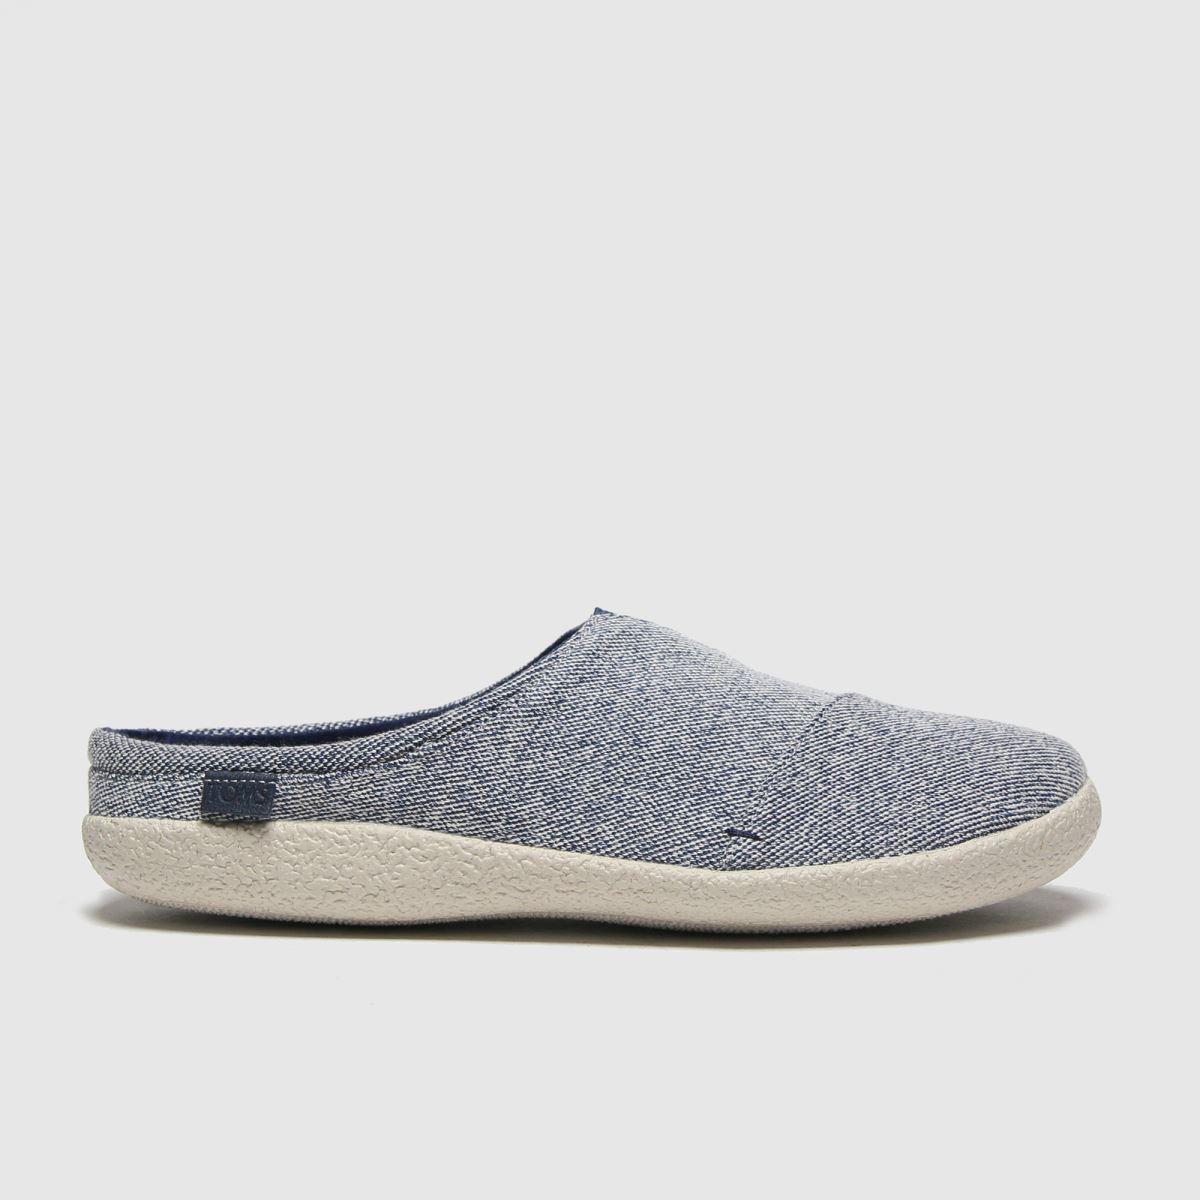 TOMS Navy Berkeley Slippers